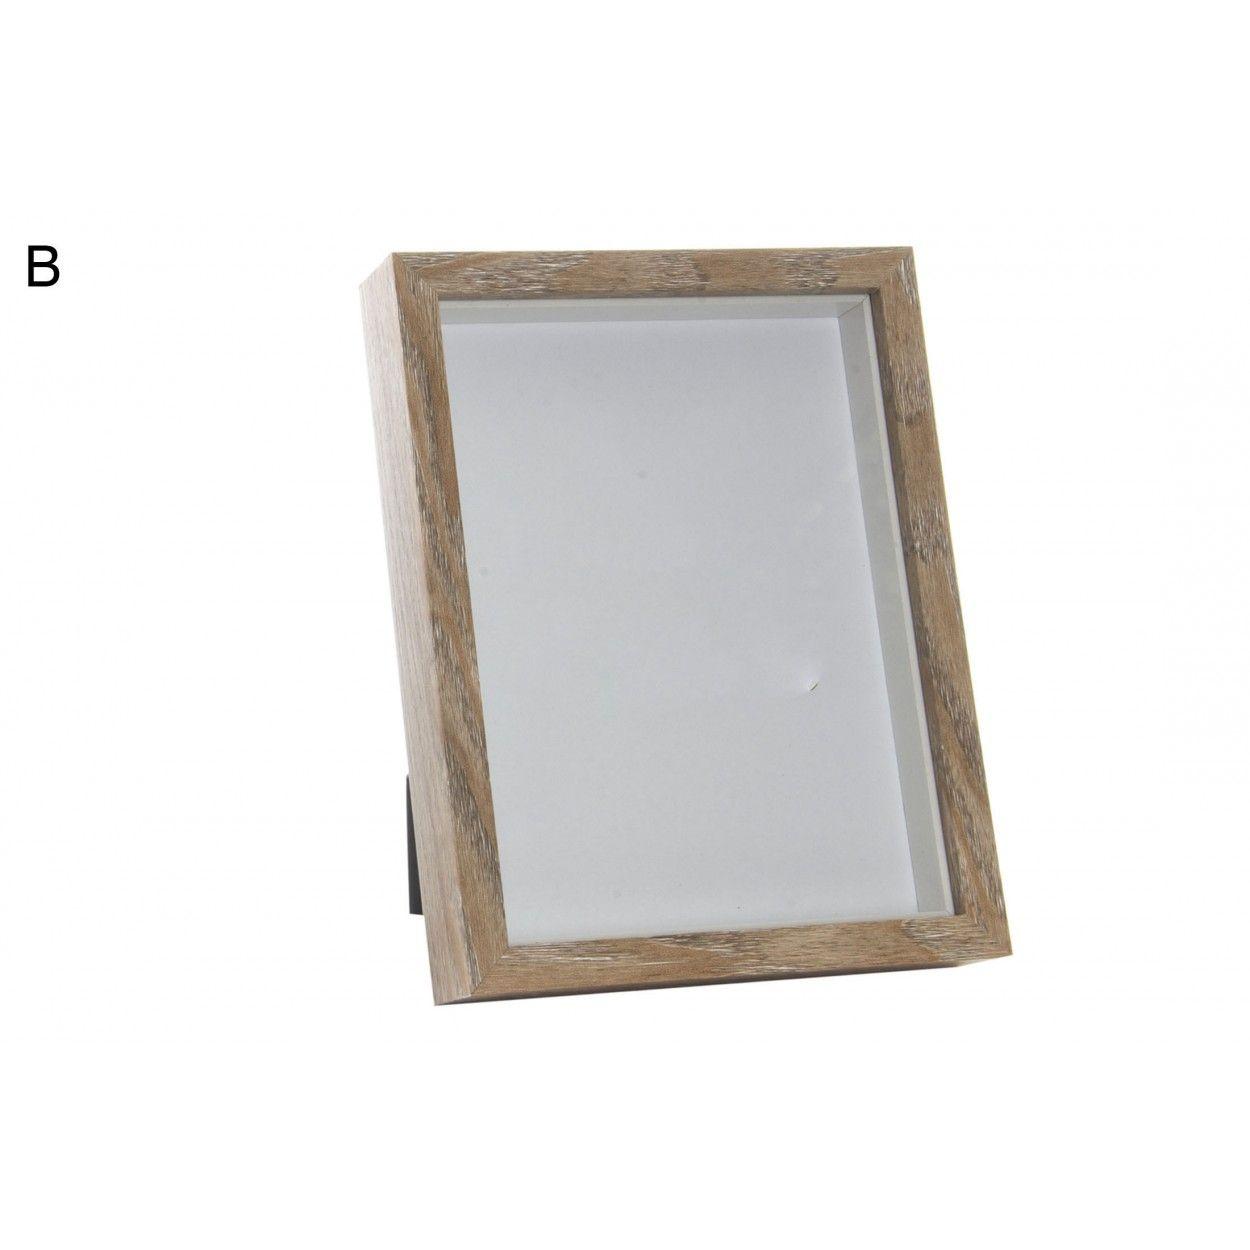 Hogar y m s marco de fotos de madera 2 tonos hogar y m s - Marcos de fotos madera ...